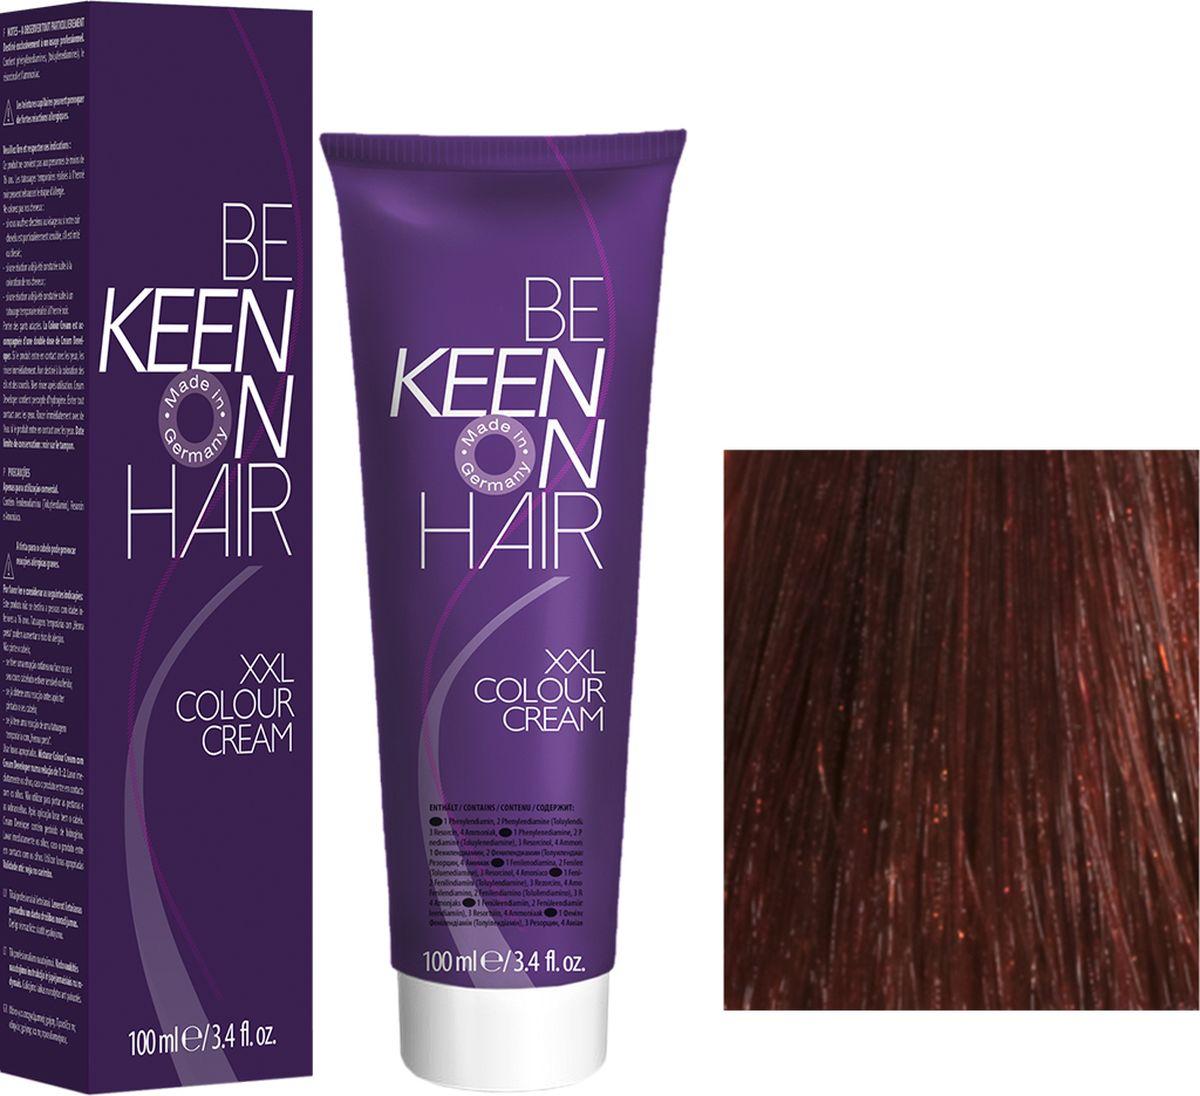 Keen Краска для волос 5.4 Светло-коричневый медный Hellbraun Kupfer, 100 мл69100021Модные оттенкиБолее 100 оттенков для креативной комбинации цветов.ЭкономичностьПри использовании тюбика 100 мл вы получаете оптимальное соотношение цены и качества!УходМолочный белок поддерживает структуру волоса во время окрашивания и придает волосам блеск и шелковистость. Протеины хорошо встраиваются в волосы и снабжают их влагой.